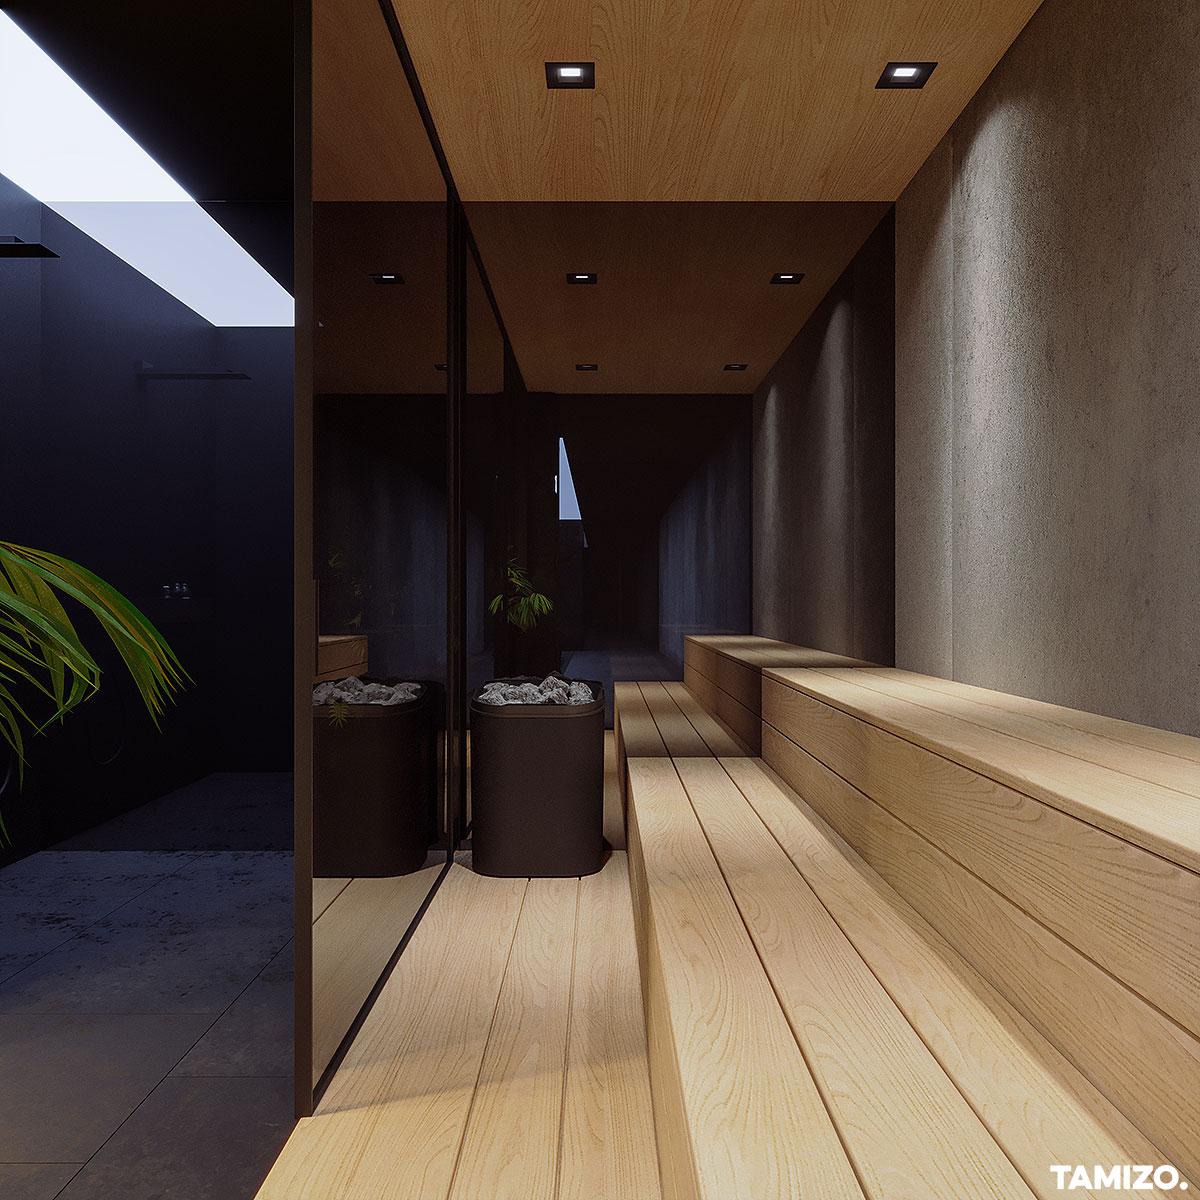 I073_tamizo_architekci_projekt-wnetrza-domu-jednorodzinnego-dom-z-winem-basen-spa-kamien-drewno-56